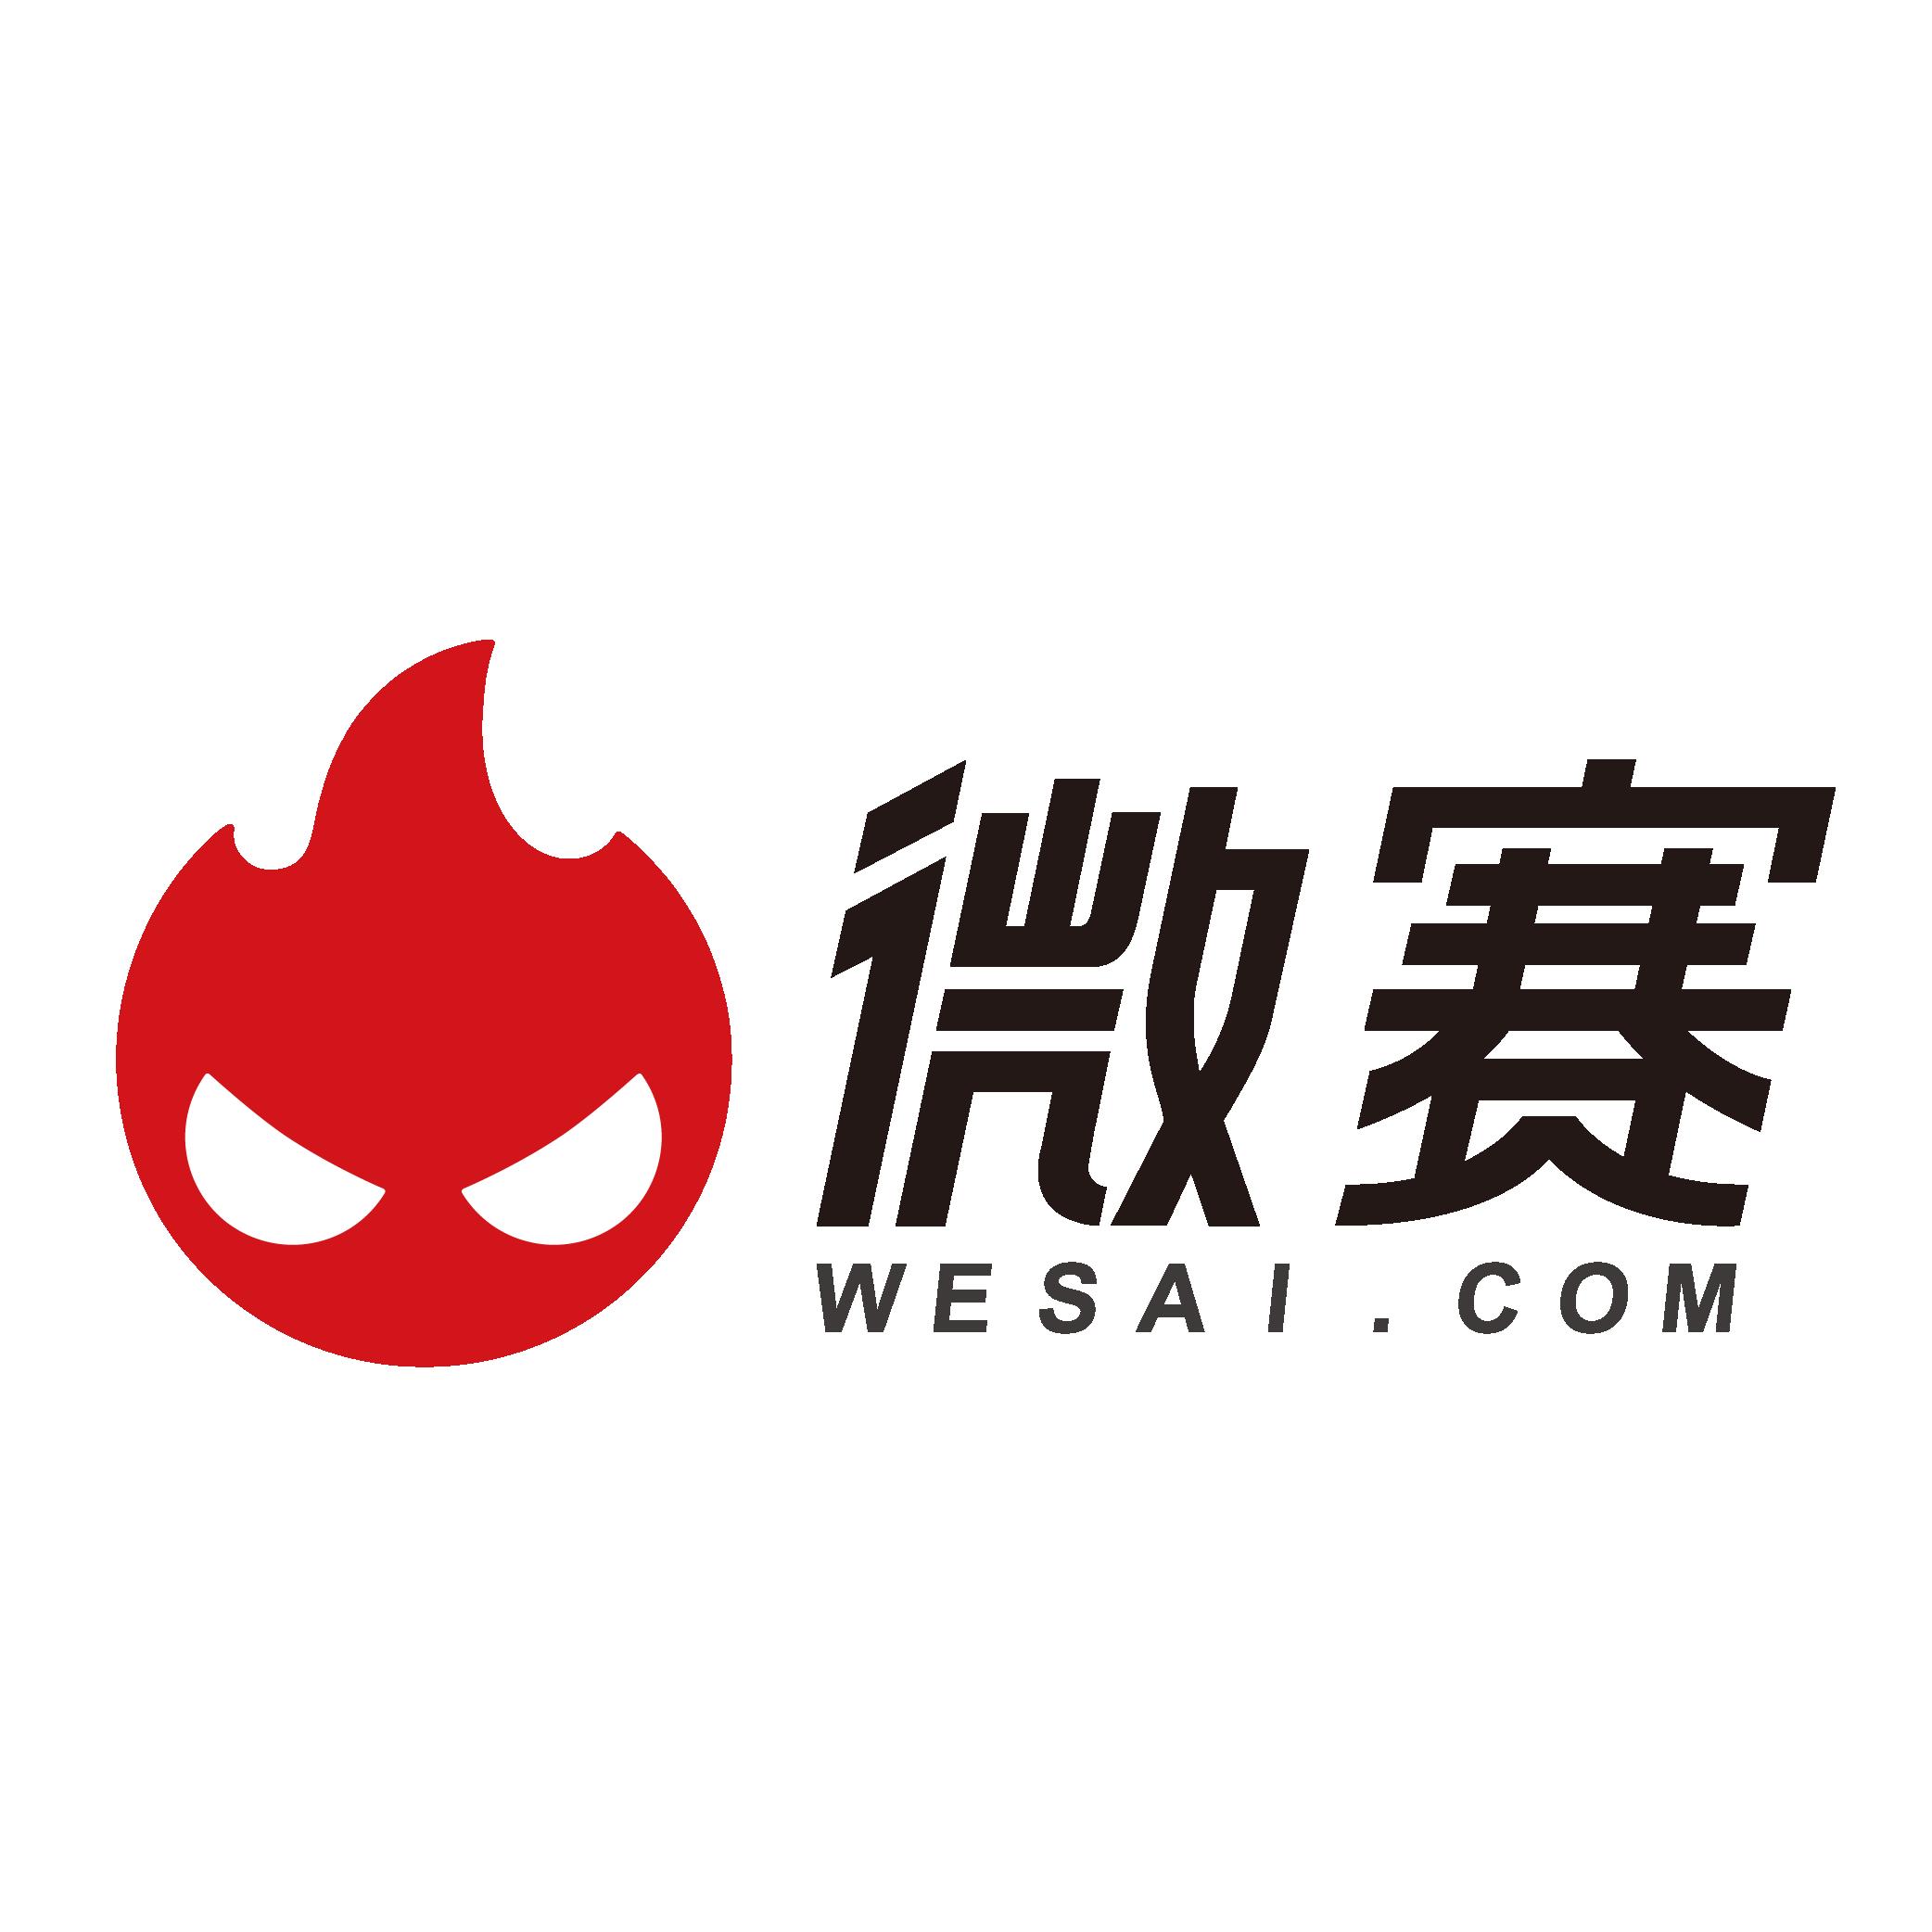 英雄联盟6周年庆狂欢盛典微赛获独家官方票务销售